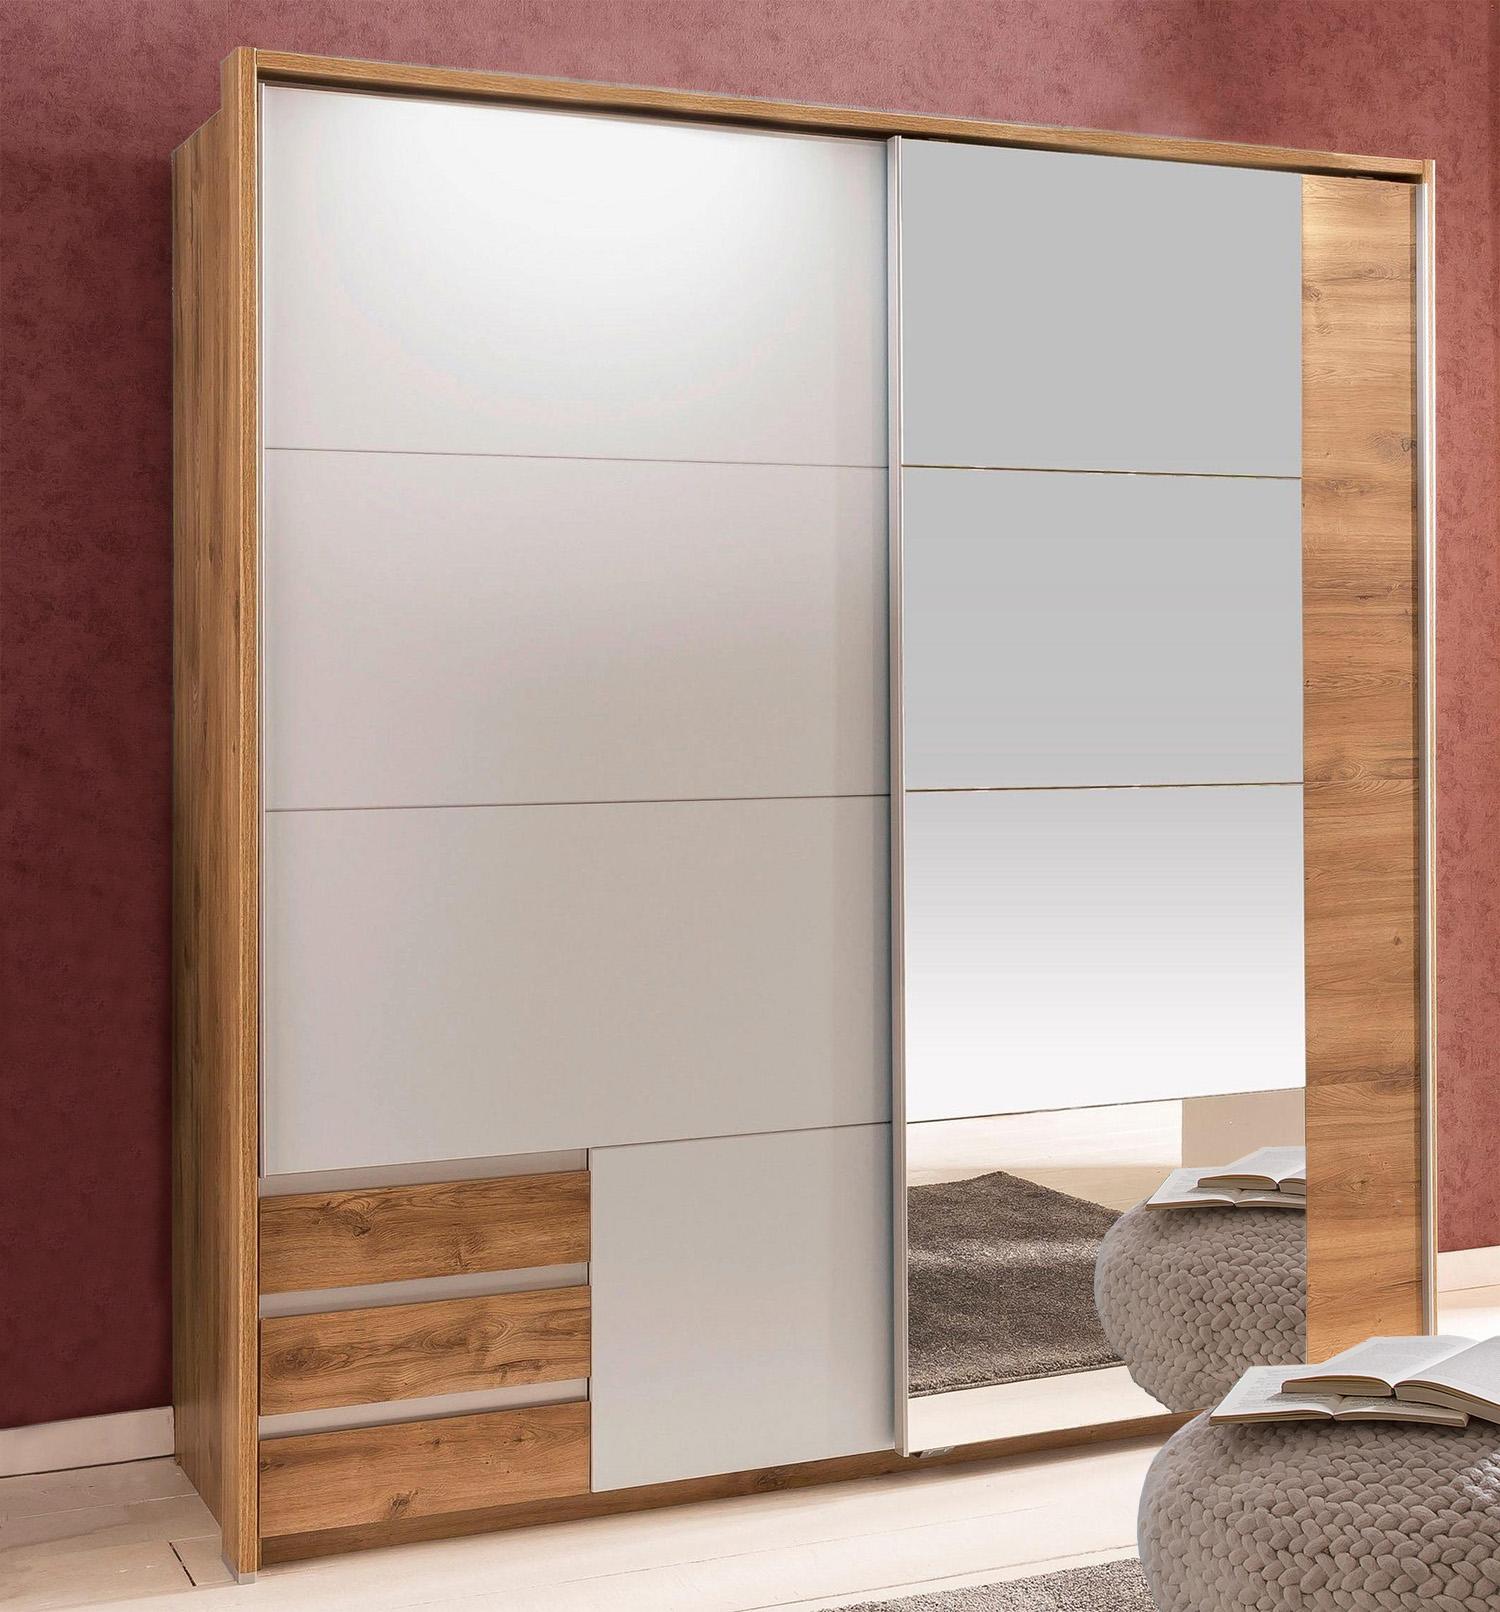 Schwebetürenschrank Kleiderschrank Emden 2-türig plankeneiche / weiß 180cm Neu